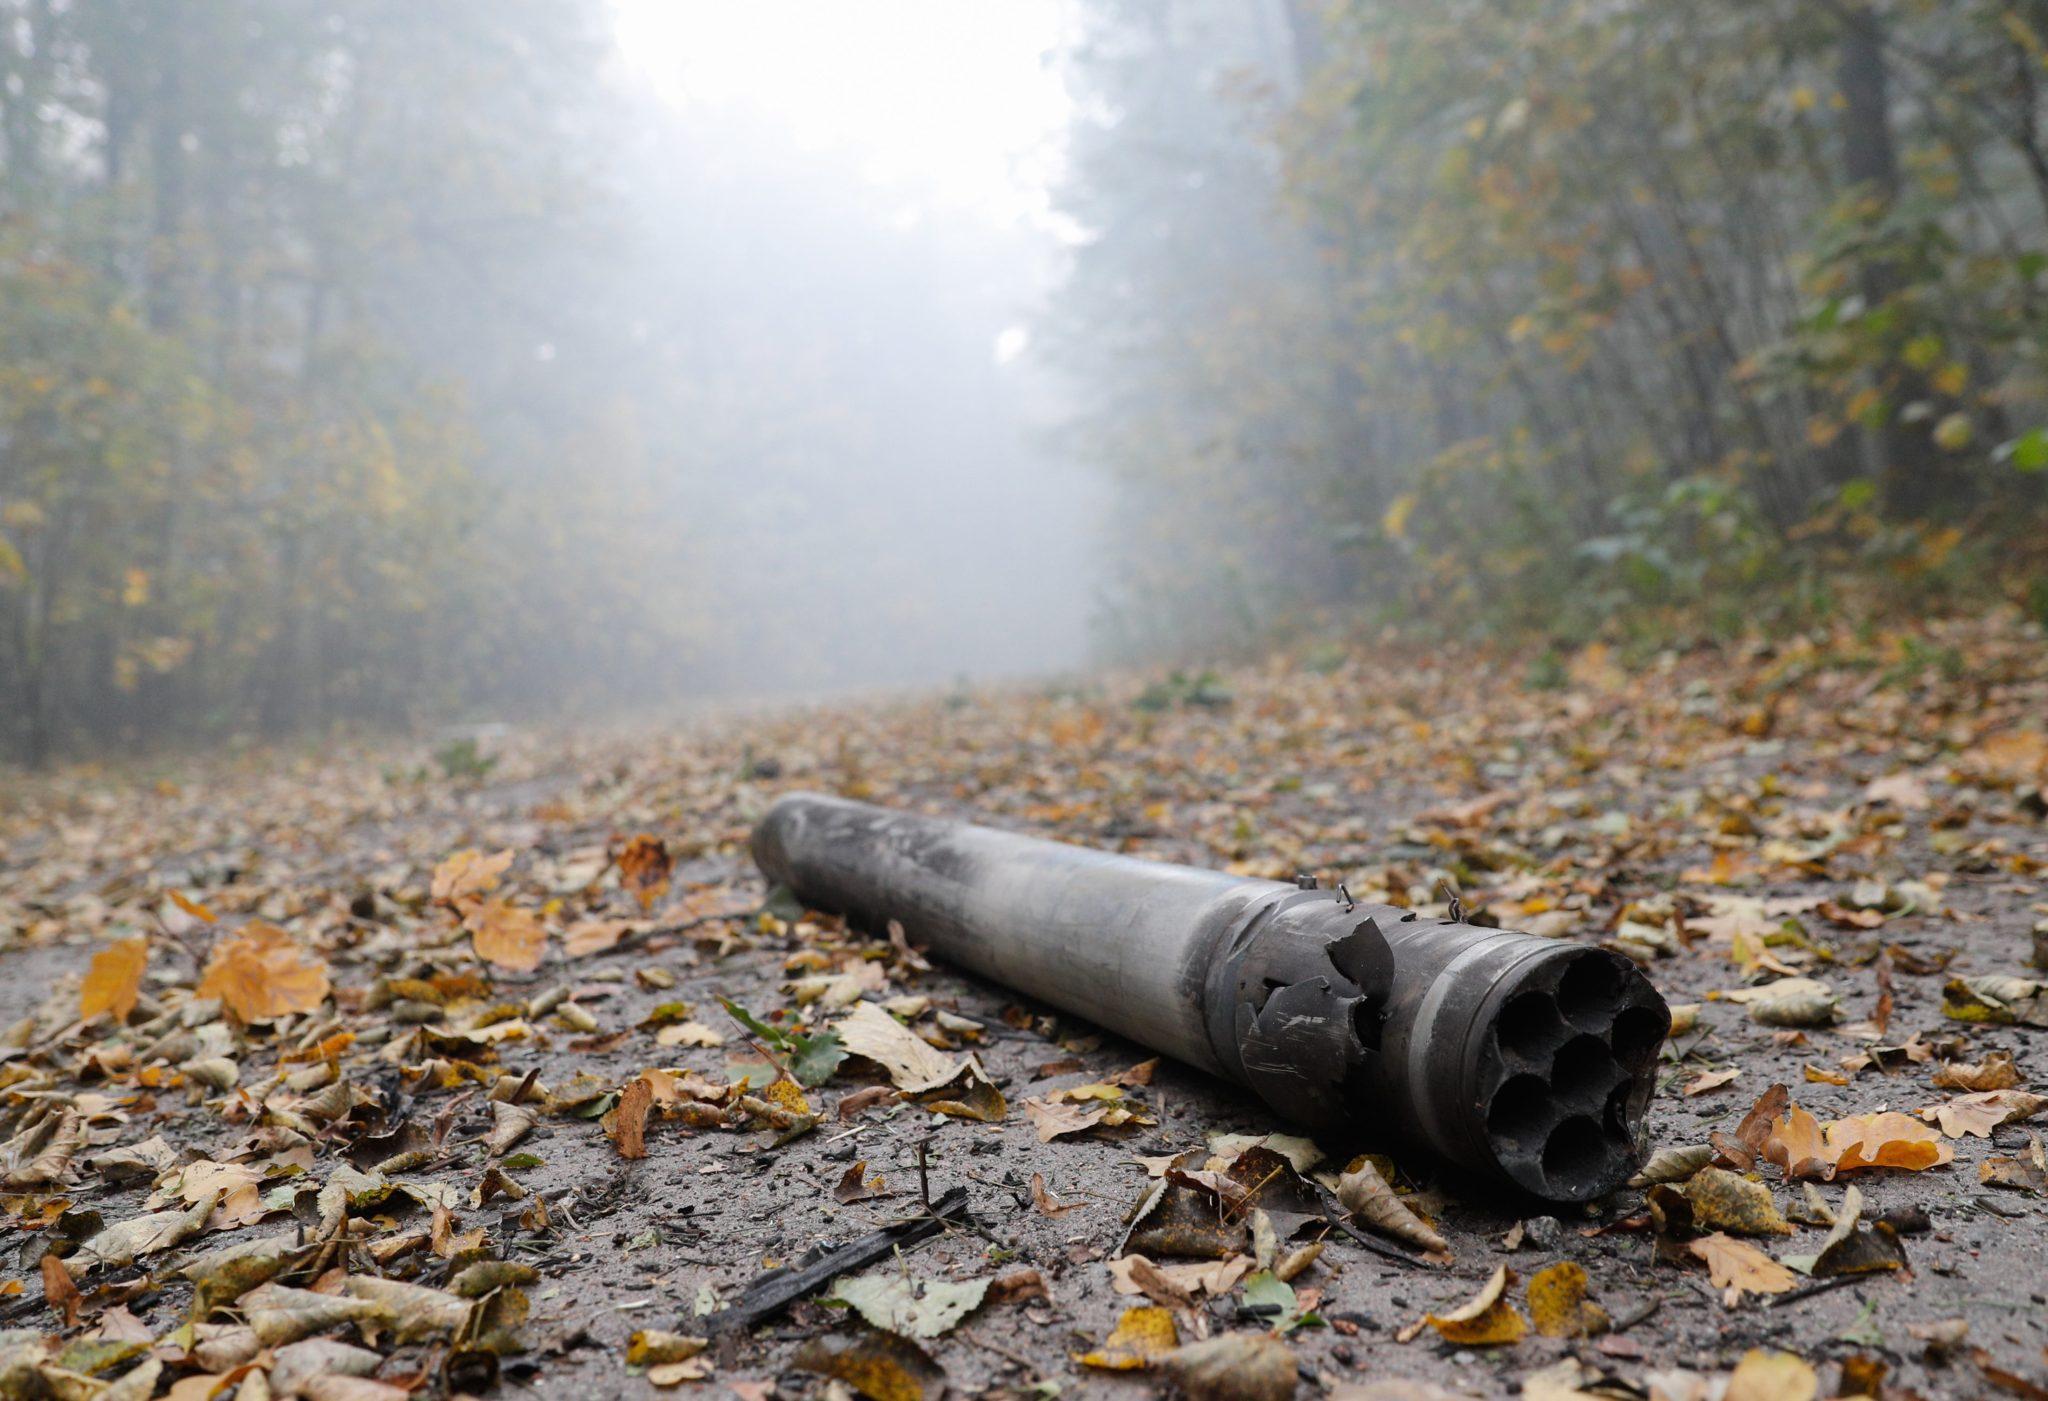 Pożar składów amunicji, do którego doszło we wtorek w okolicach miasta Icznia, 180 km na wschód od Kijowa, mógł być następstwem dywersji - oświadczył prezydent Ukrainy Petro Poroszenko na specjalnej naradzie z szefami resortów siłowych, fot. Sergey Dolzhenko, PAP/EPA